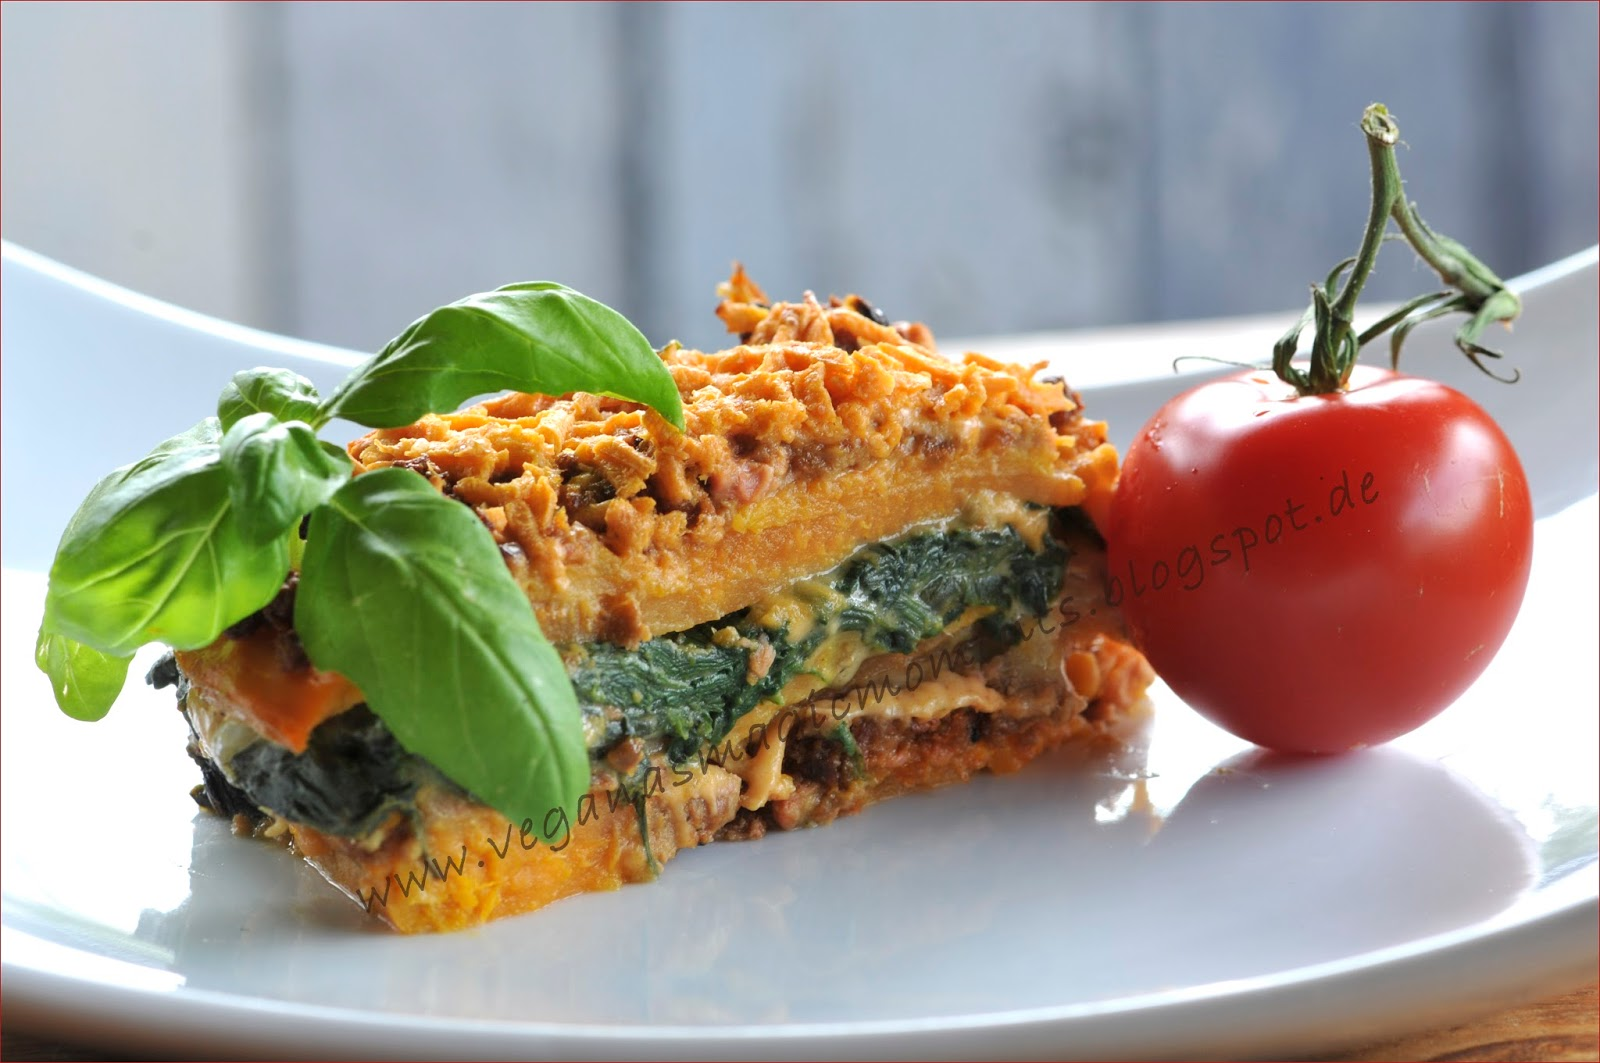 veganas magic moments s kartoffel lasagne mit wiefleisch hack spinat und mandelcreme. Black Bedroom Furniture Sets. Home Design Ideas